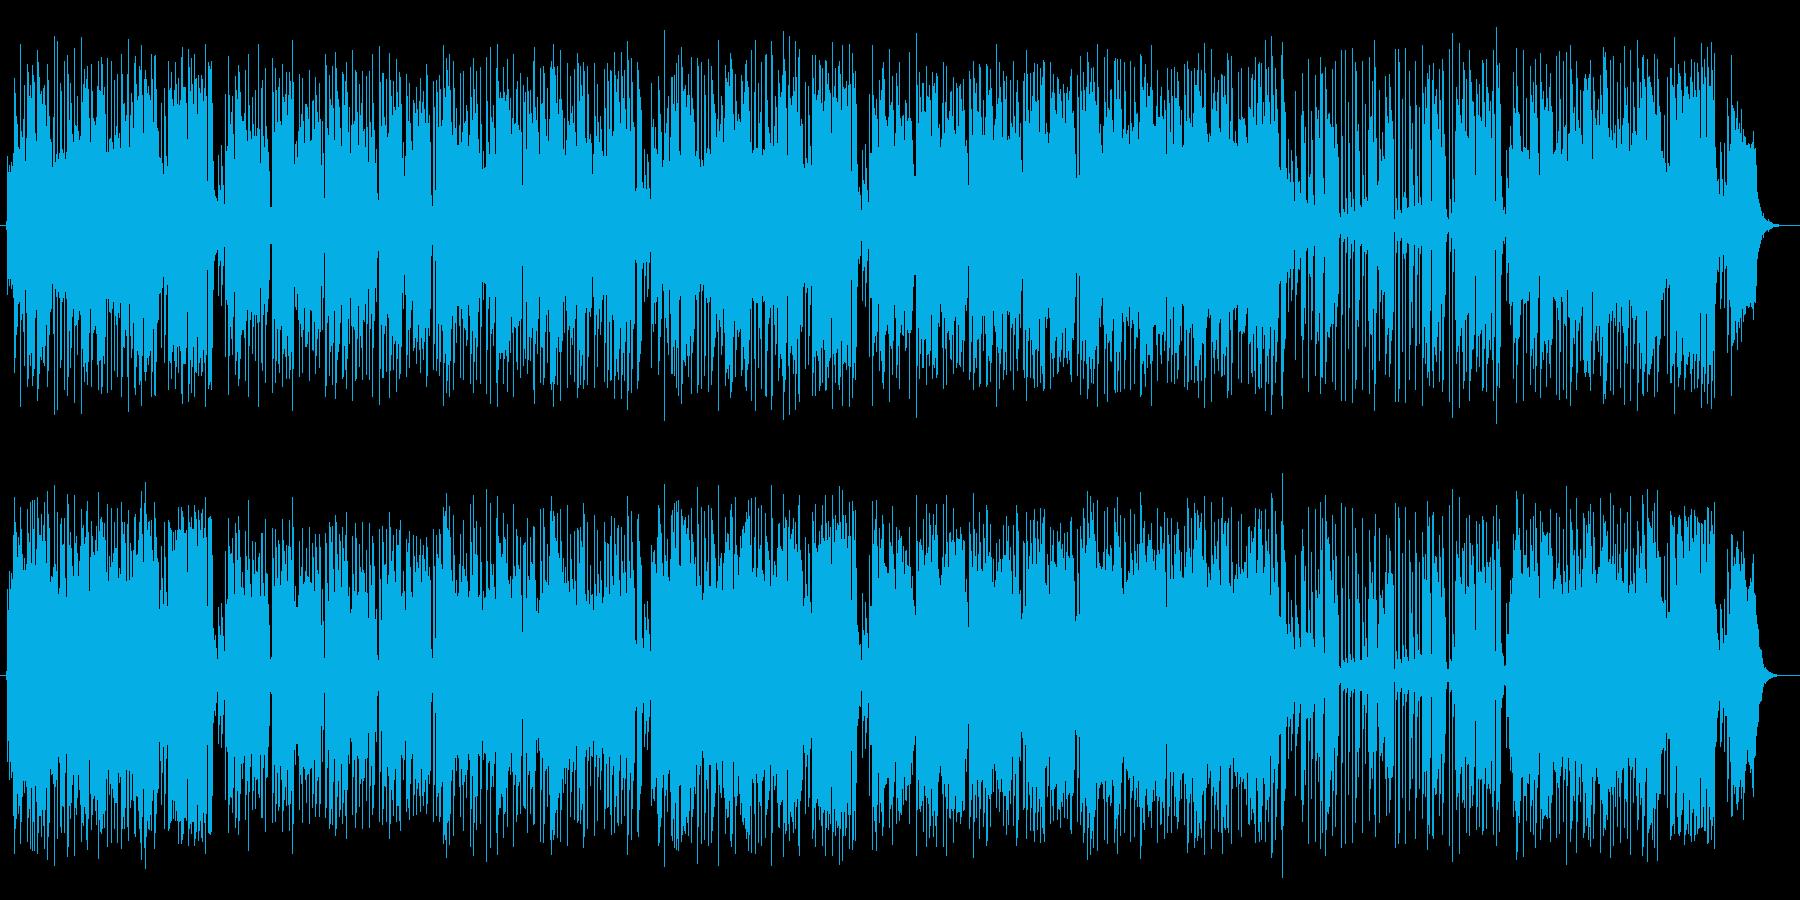 キーボードで作る華やかなポップスの再生済みの波形